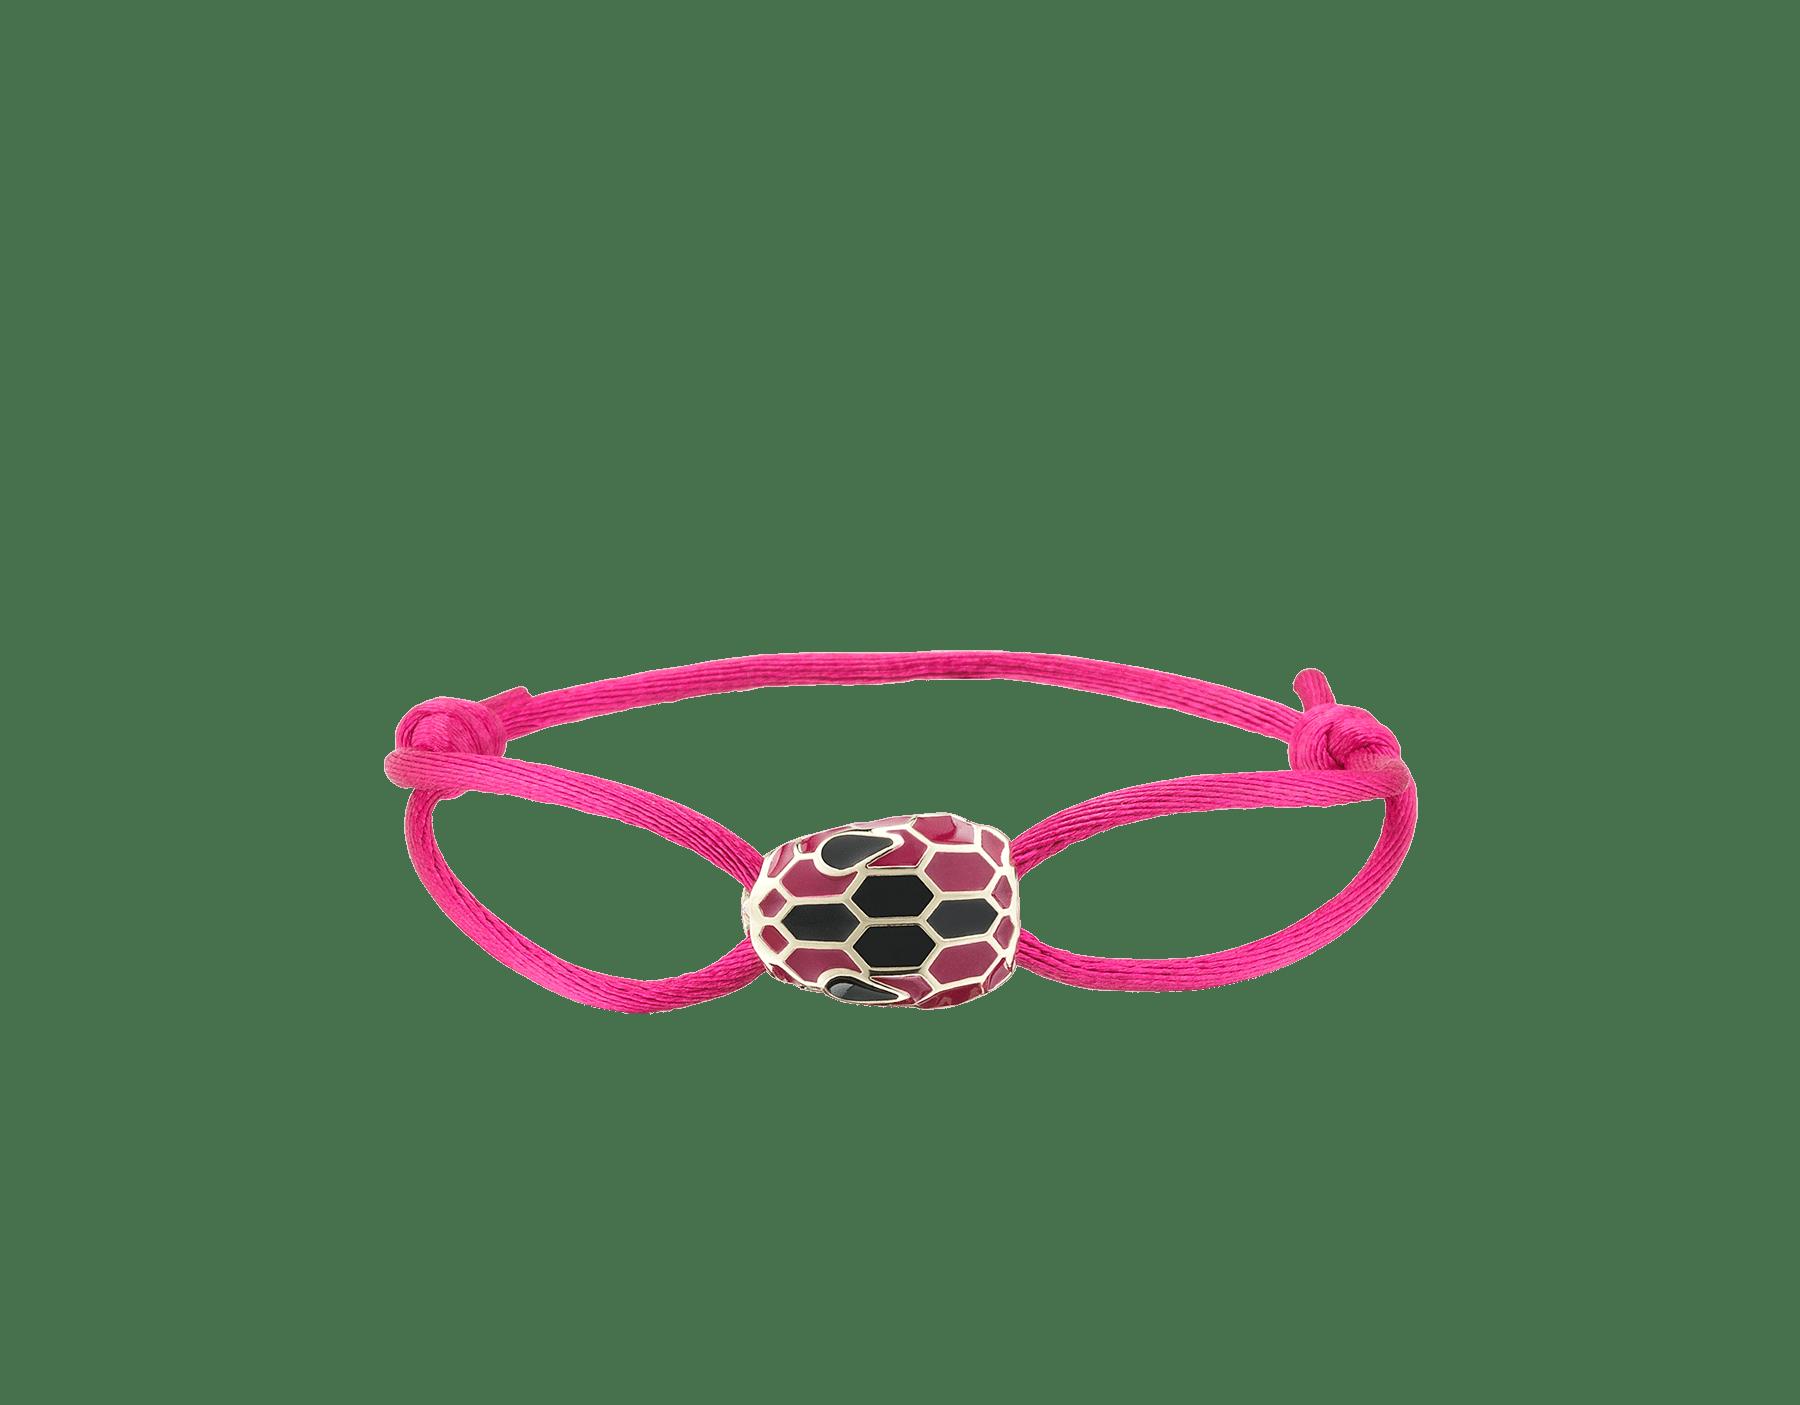 Das Serpenti Forever Armband aus Stoff in Daisy Topaz Gelb besticht mit ikonischem Schlangenkopf aus hell vergoldetem Messing mit Emaille in Daisy Topaz Gelb und Schwarz sowie verführerischen Augen aus schwarzer Emaille. SERP-STRINGc image 1